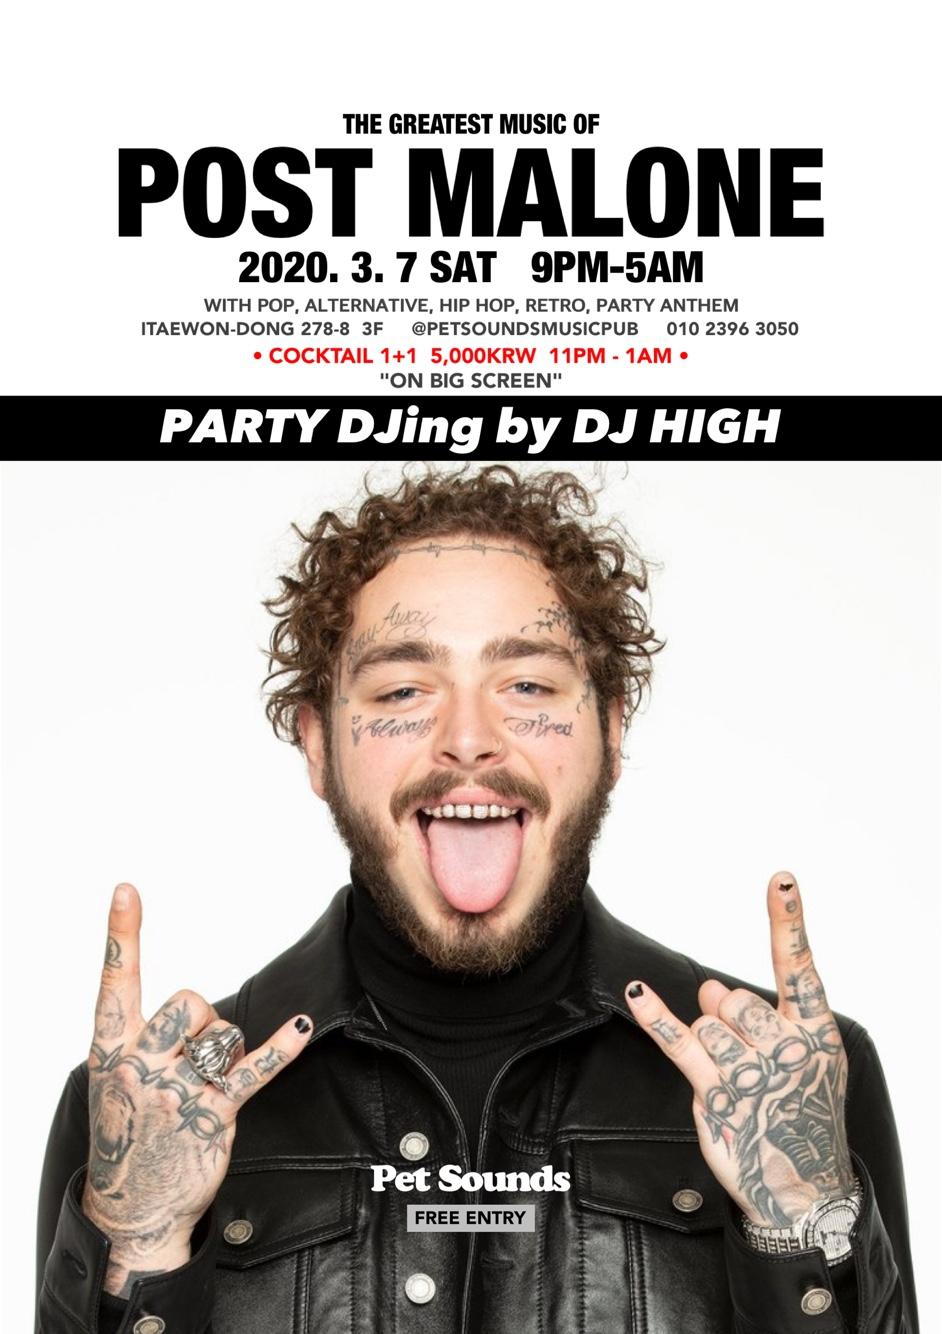 Post Malone night @ Petsounds